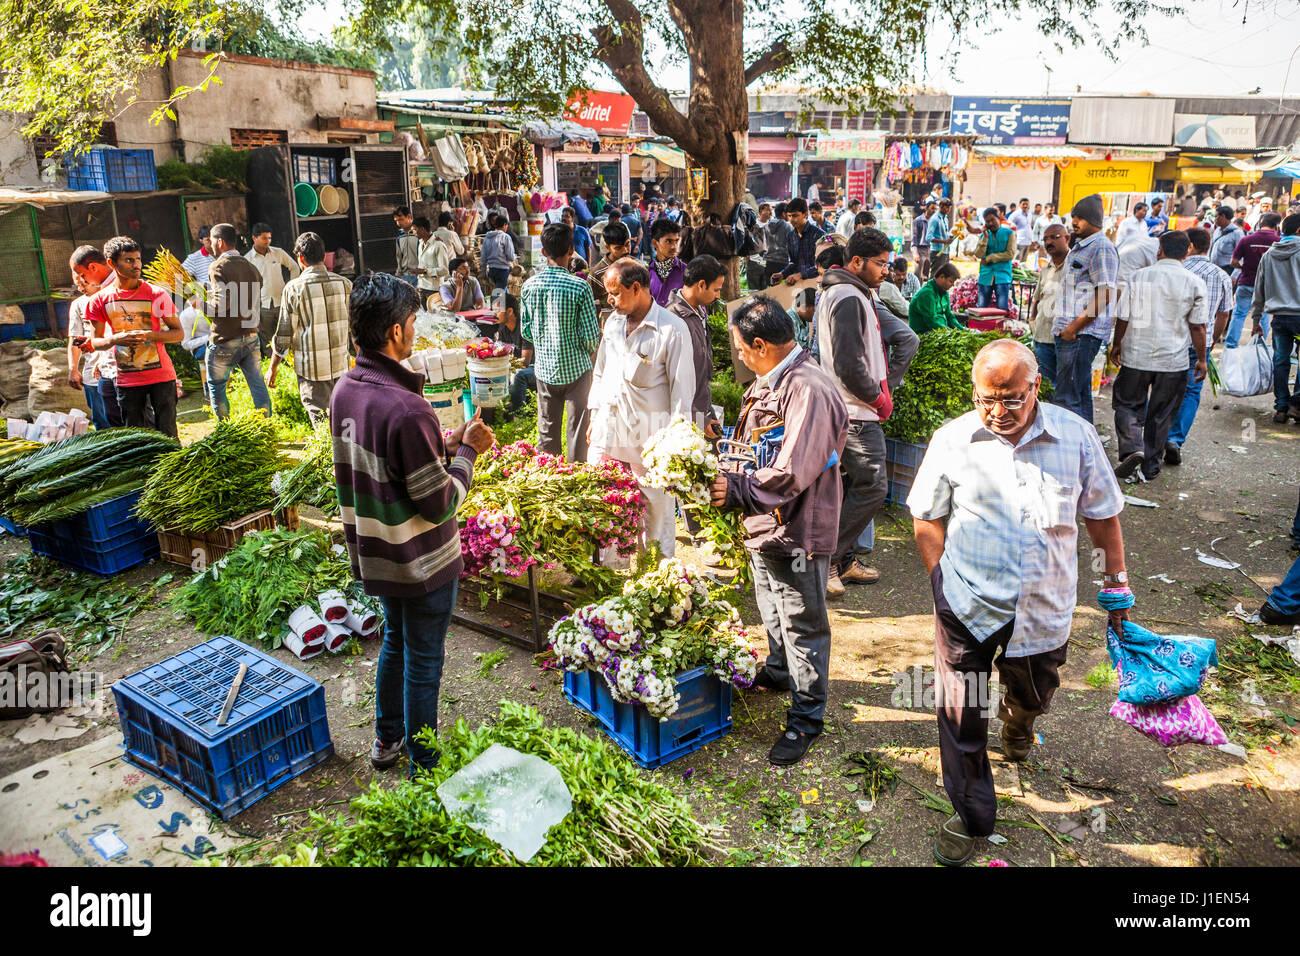 Un espace extérieur à un marché aux fleurs à Pune, en Inde. Banque D'Images